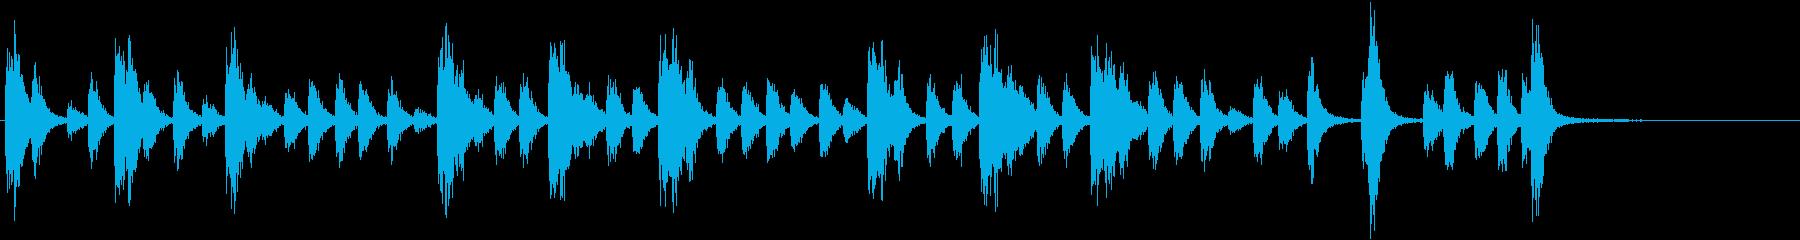 スネアドラム:ミリタリーアクセント...の再生済みの波形